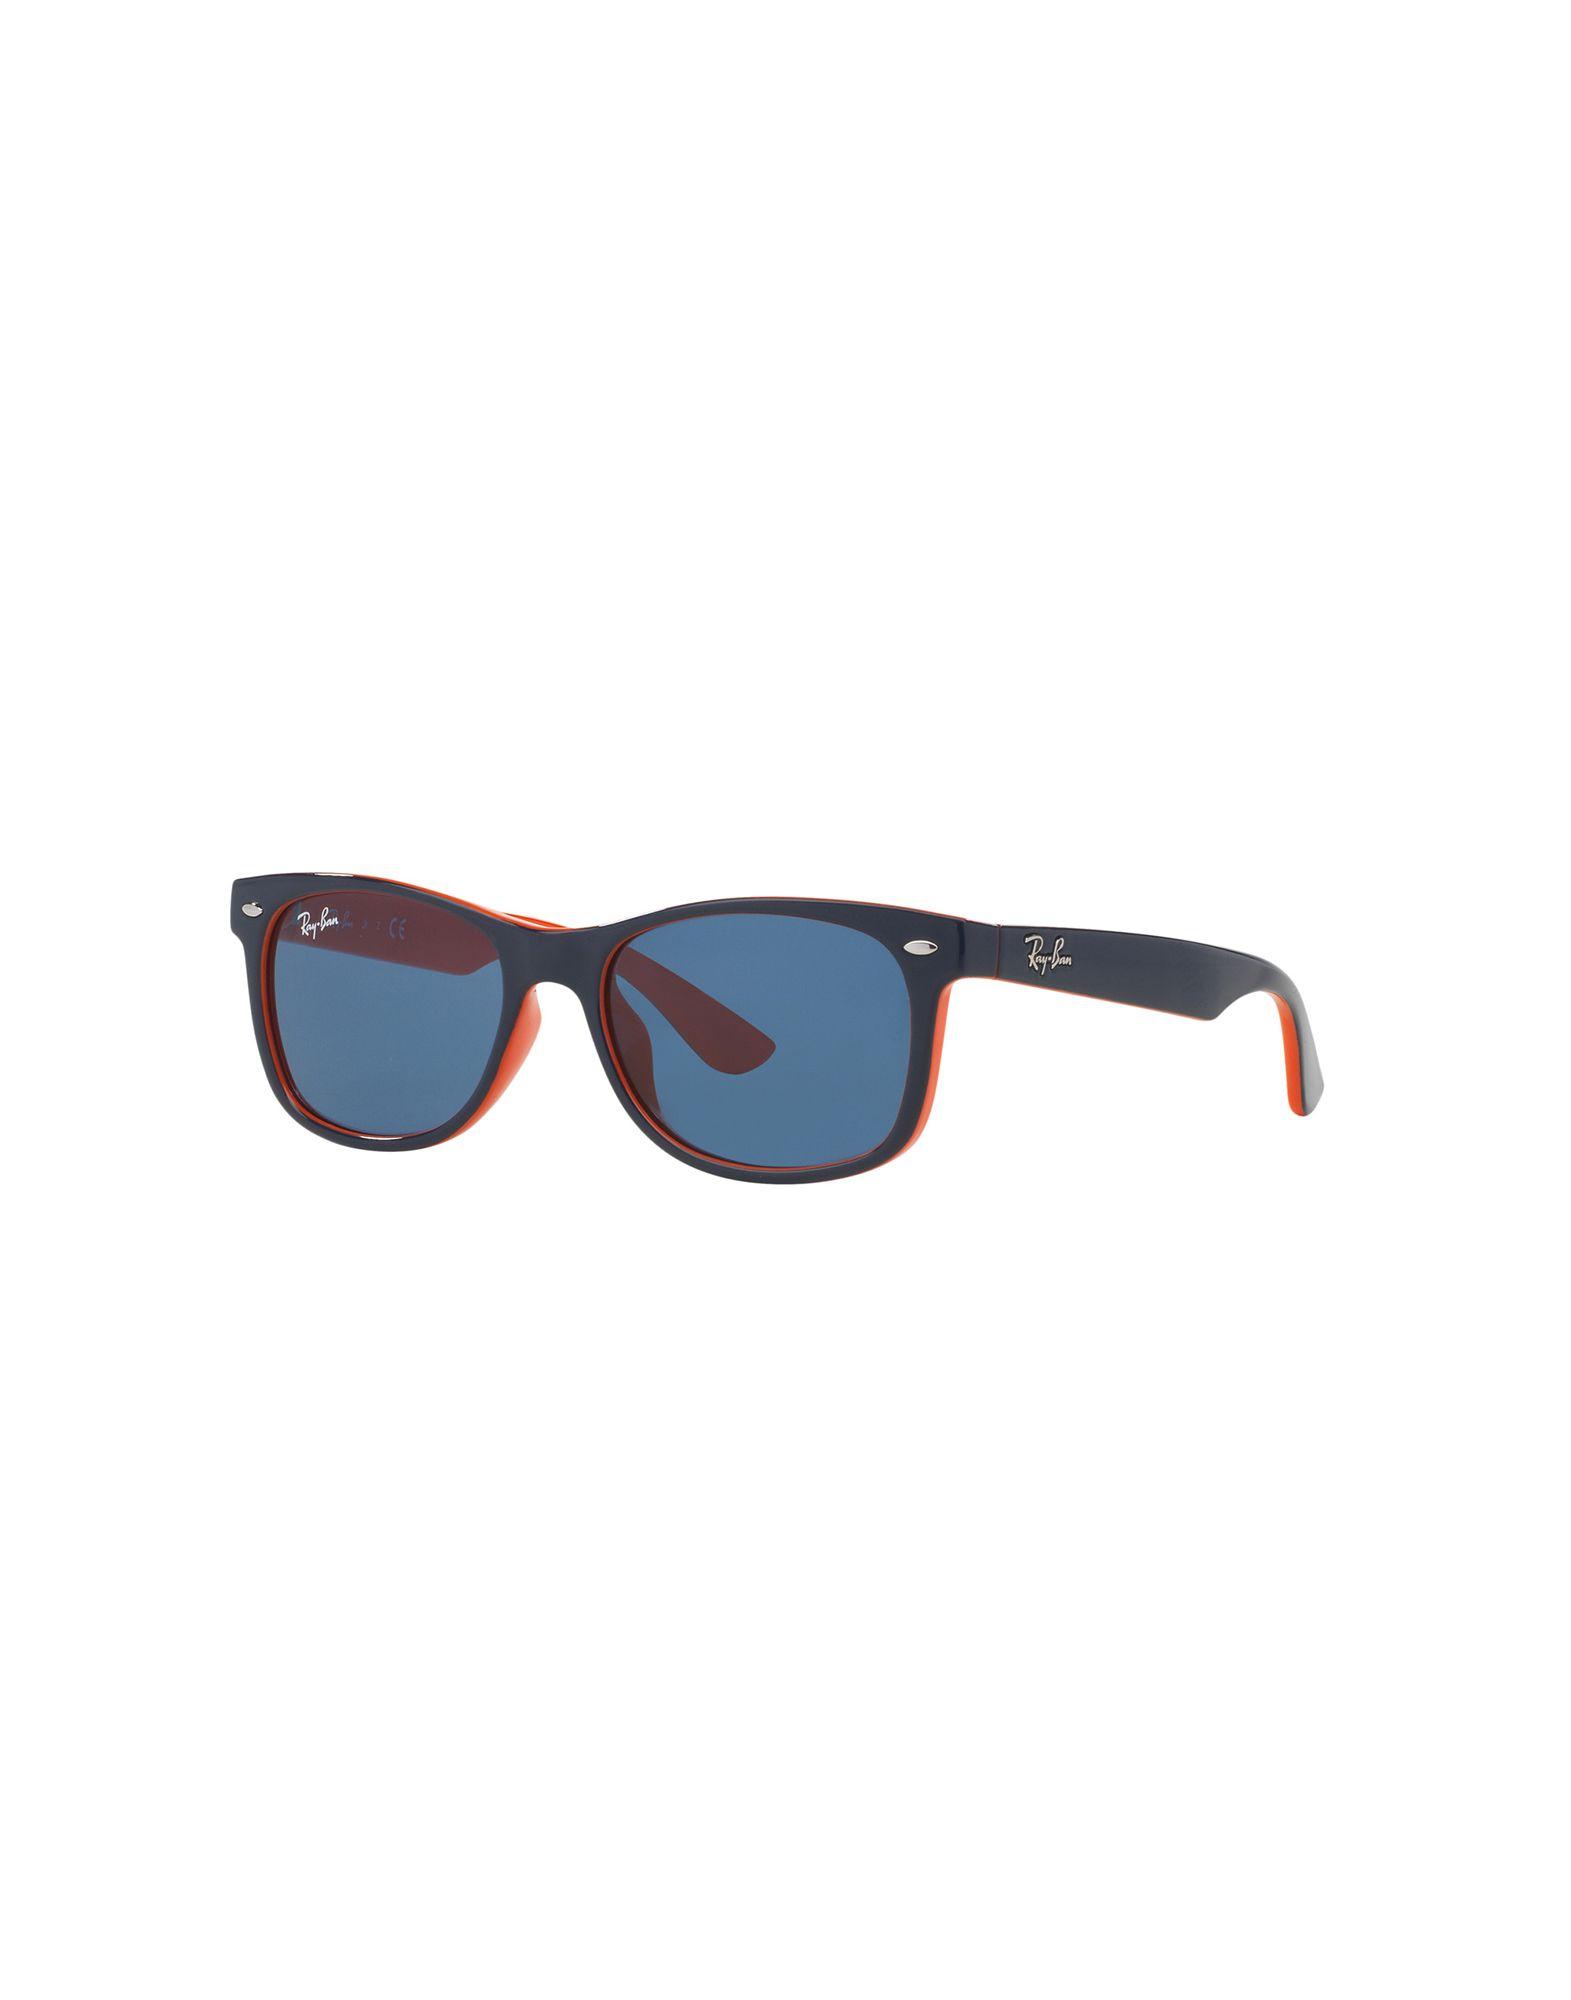 RAY-BAN JUNIOR Unisex Sonnenbrille Farbe Dunkelblau Größe 1 jetztbilligerkaufen